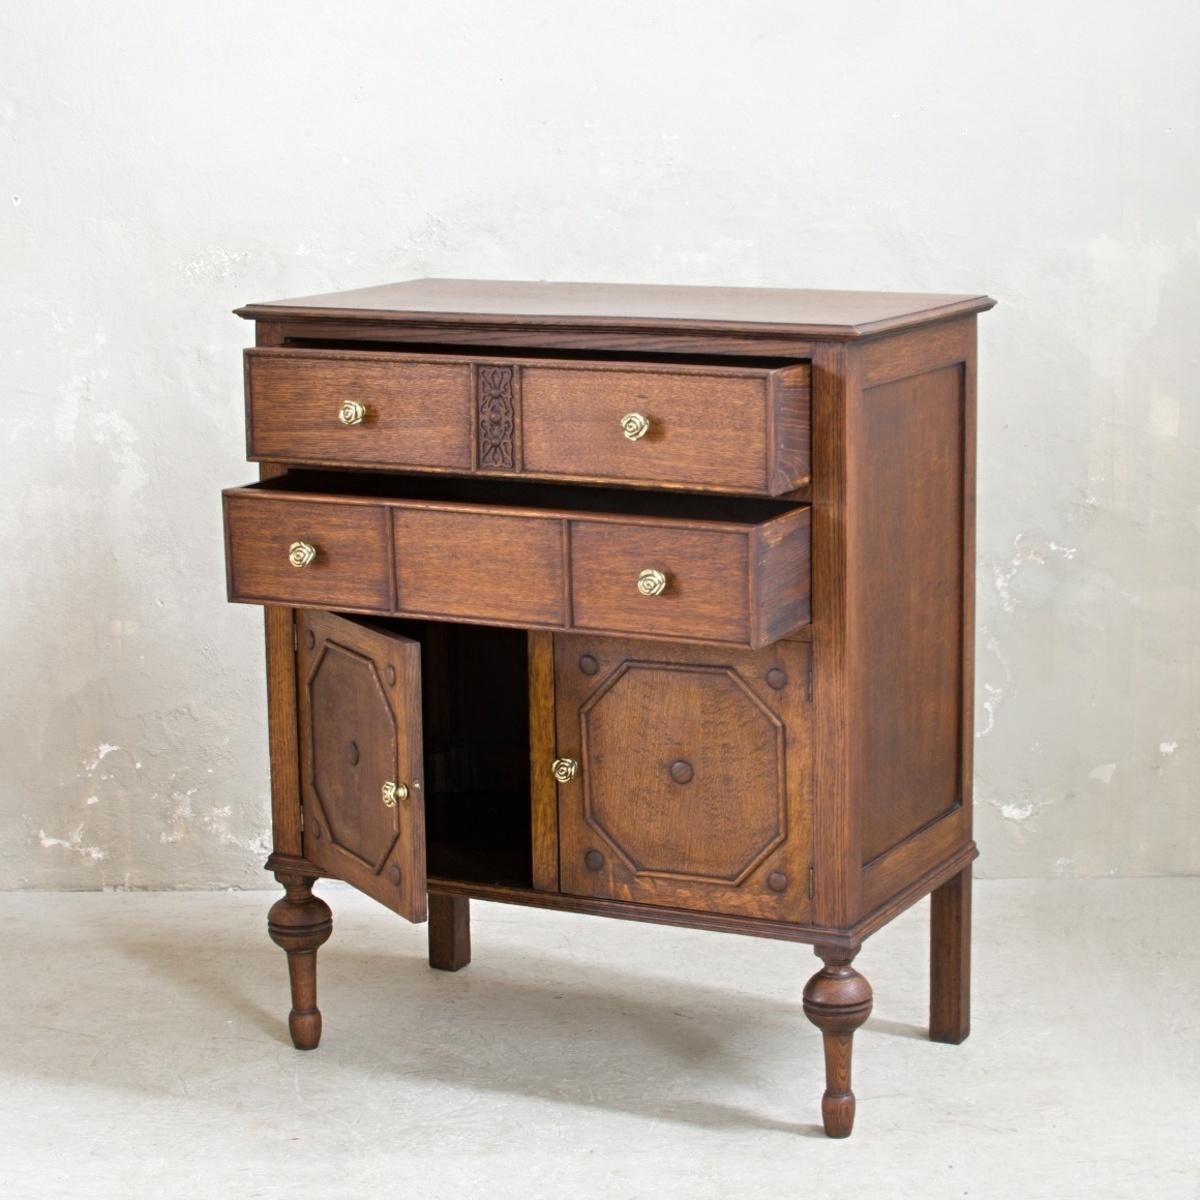 Prodej vintage nábytku Praha Anglický příborník